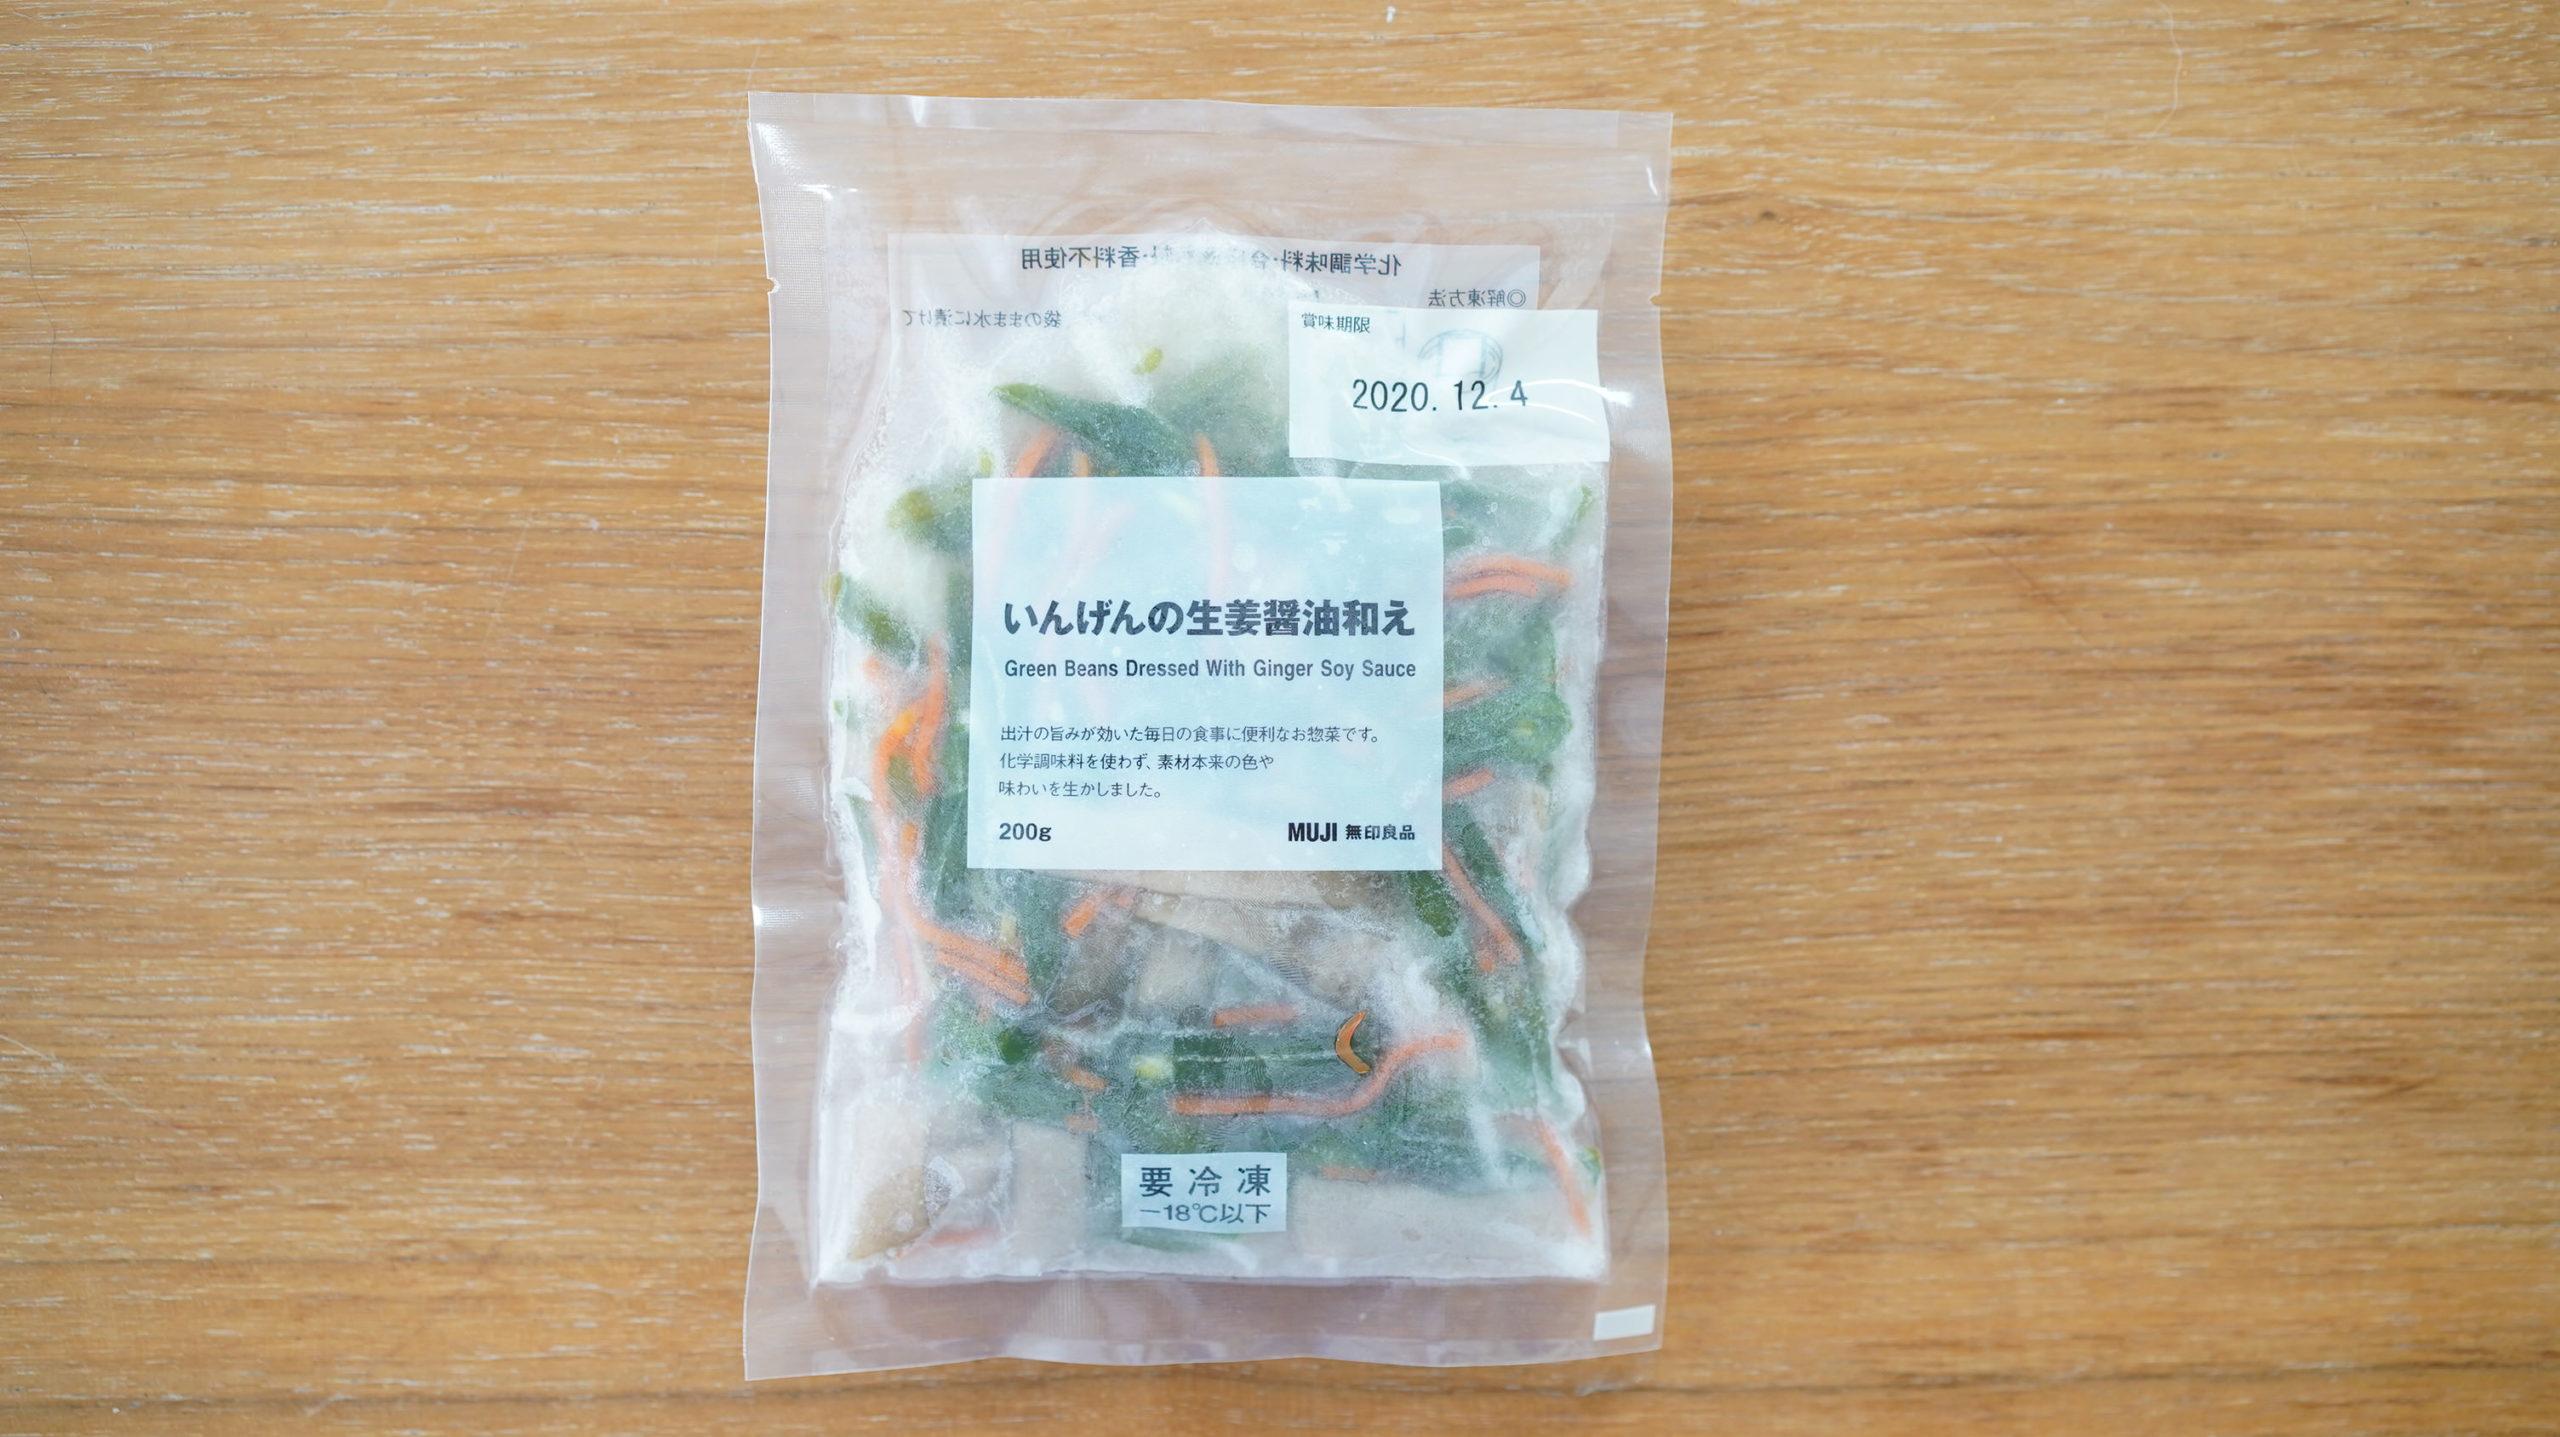 無印良品のおすすめ冷凍食品「いんげんの生姜醤油和え」のパッケージの写真